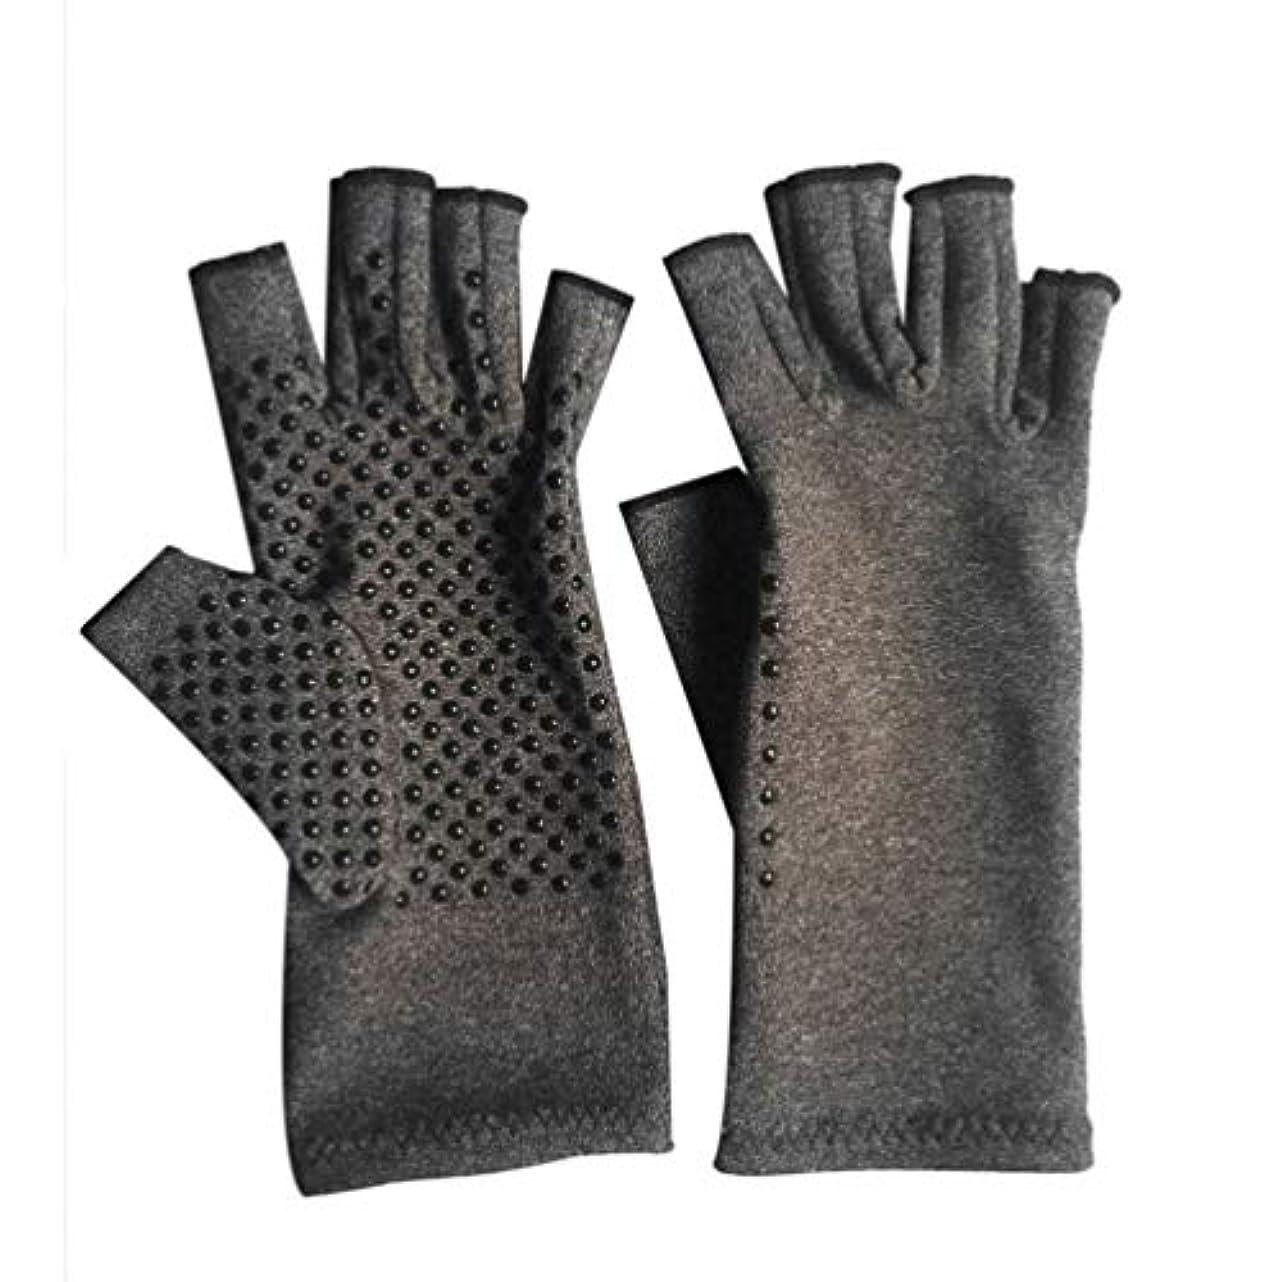 検出器謎めいた忘れられない1ペアユニセックス男性女性療法圧縮手袋関節炎関節痛緩和ヘルスケア半指手袋トレーニング手袋 - グレーM